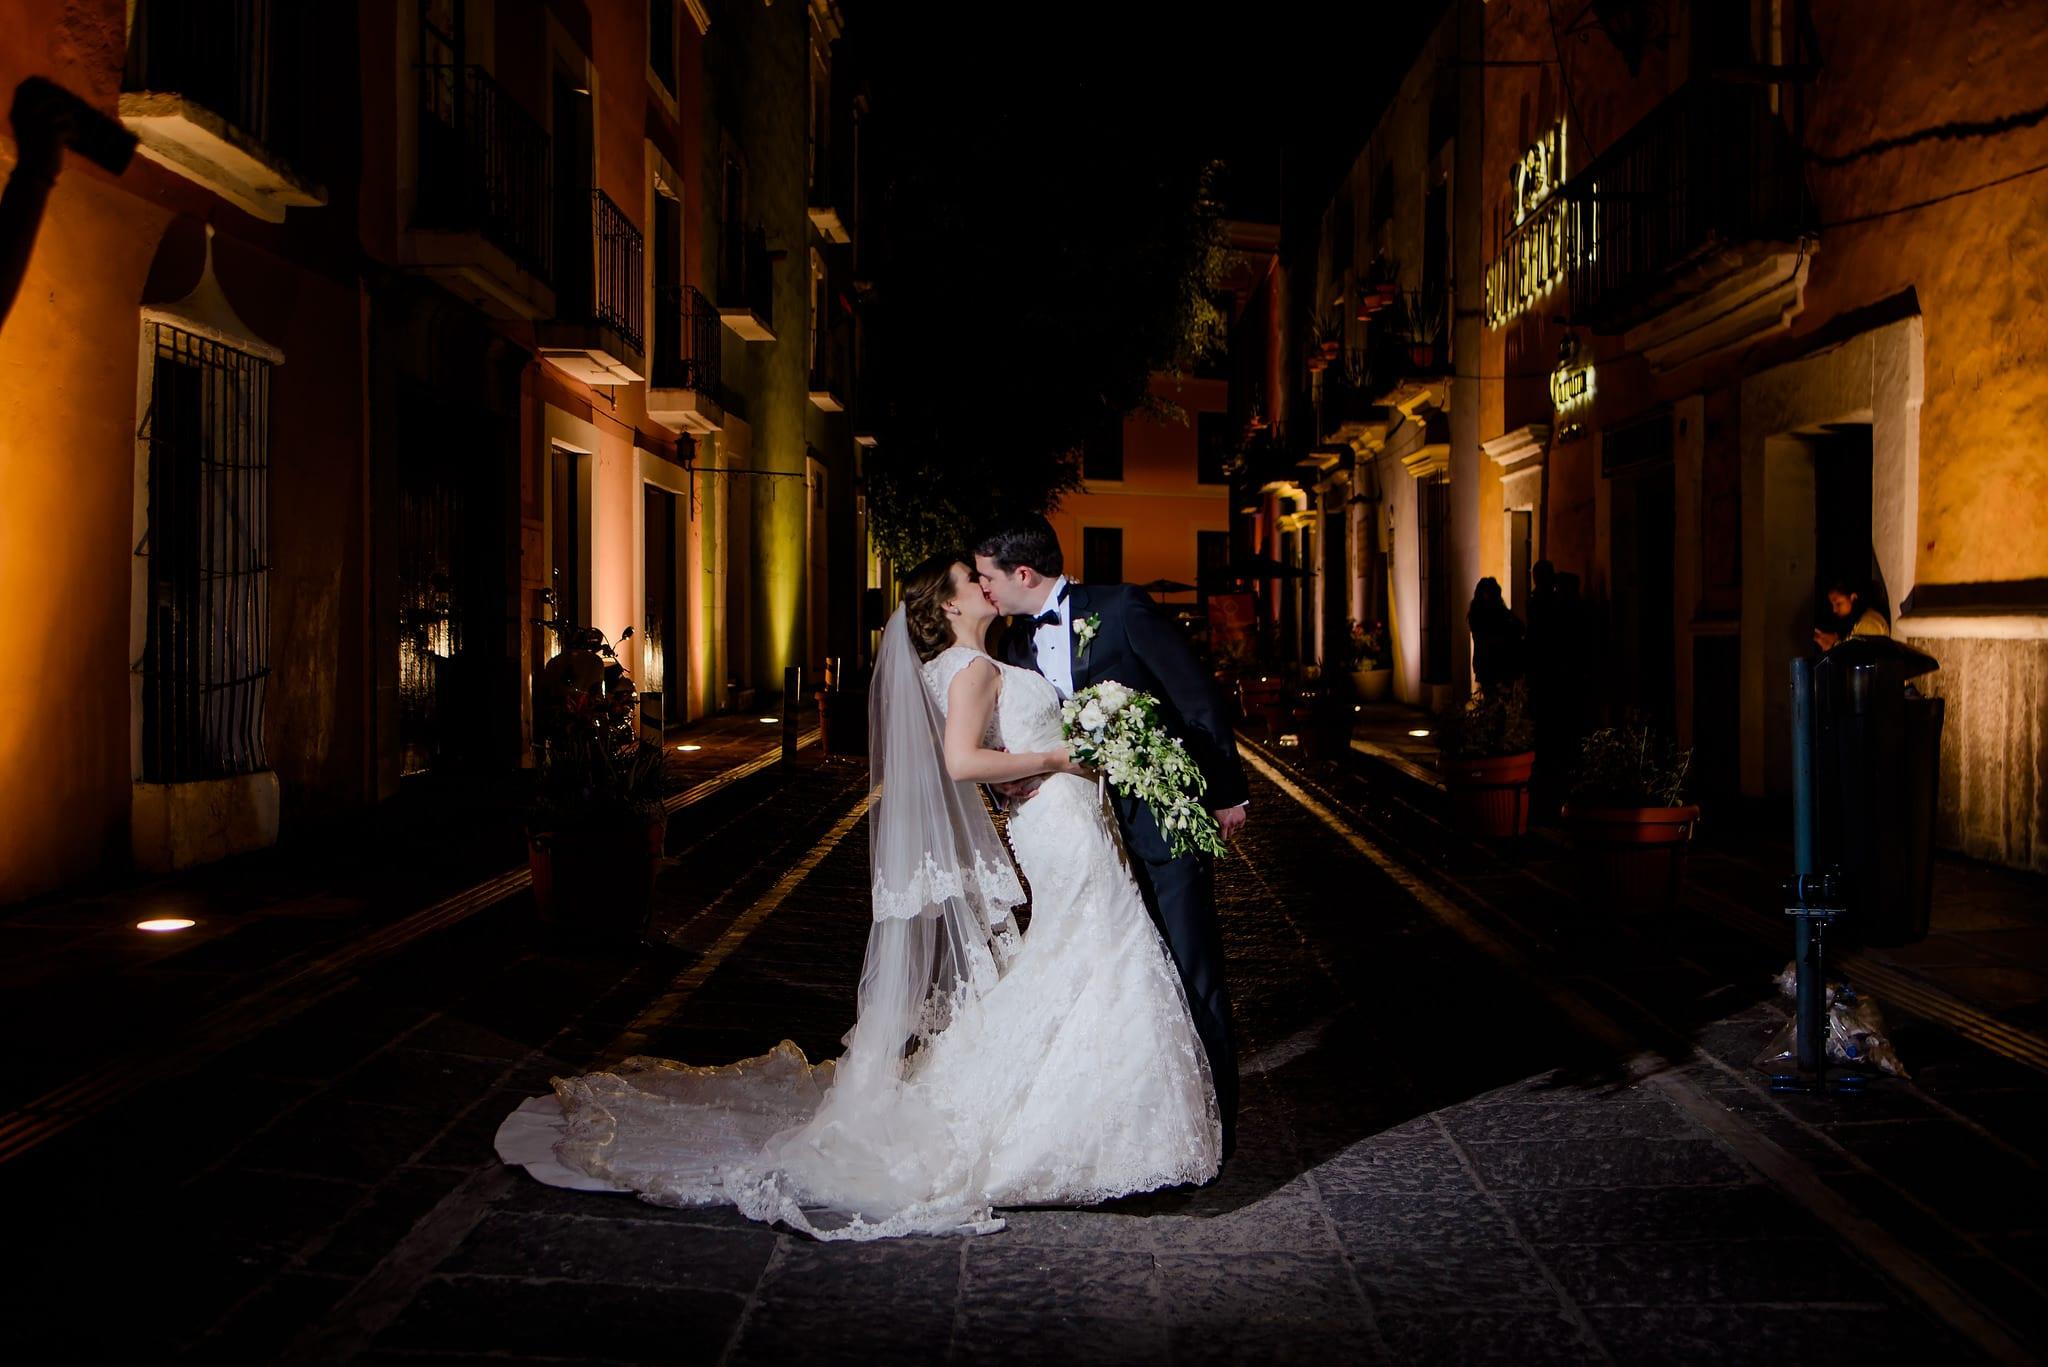 bodas-en-puebla-museo-de-san-pedro-la-compañia-0916